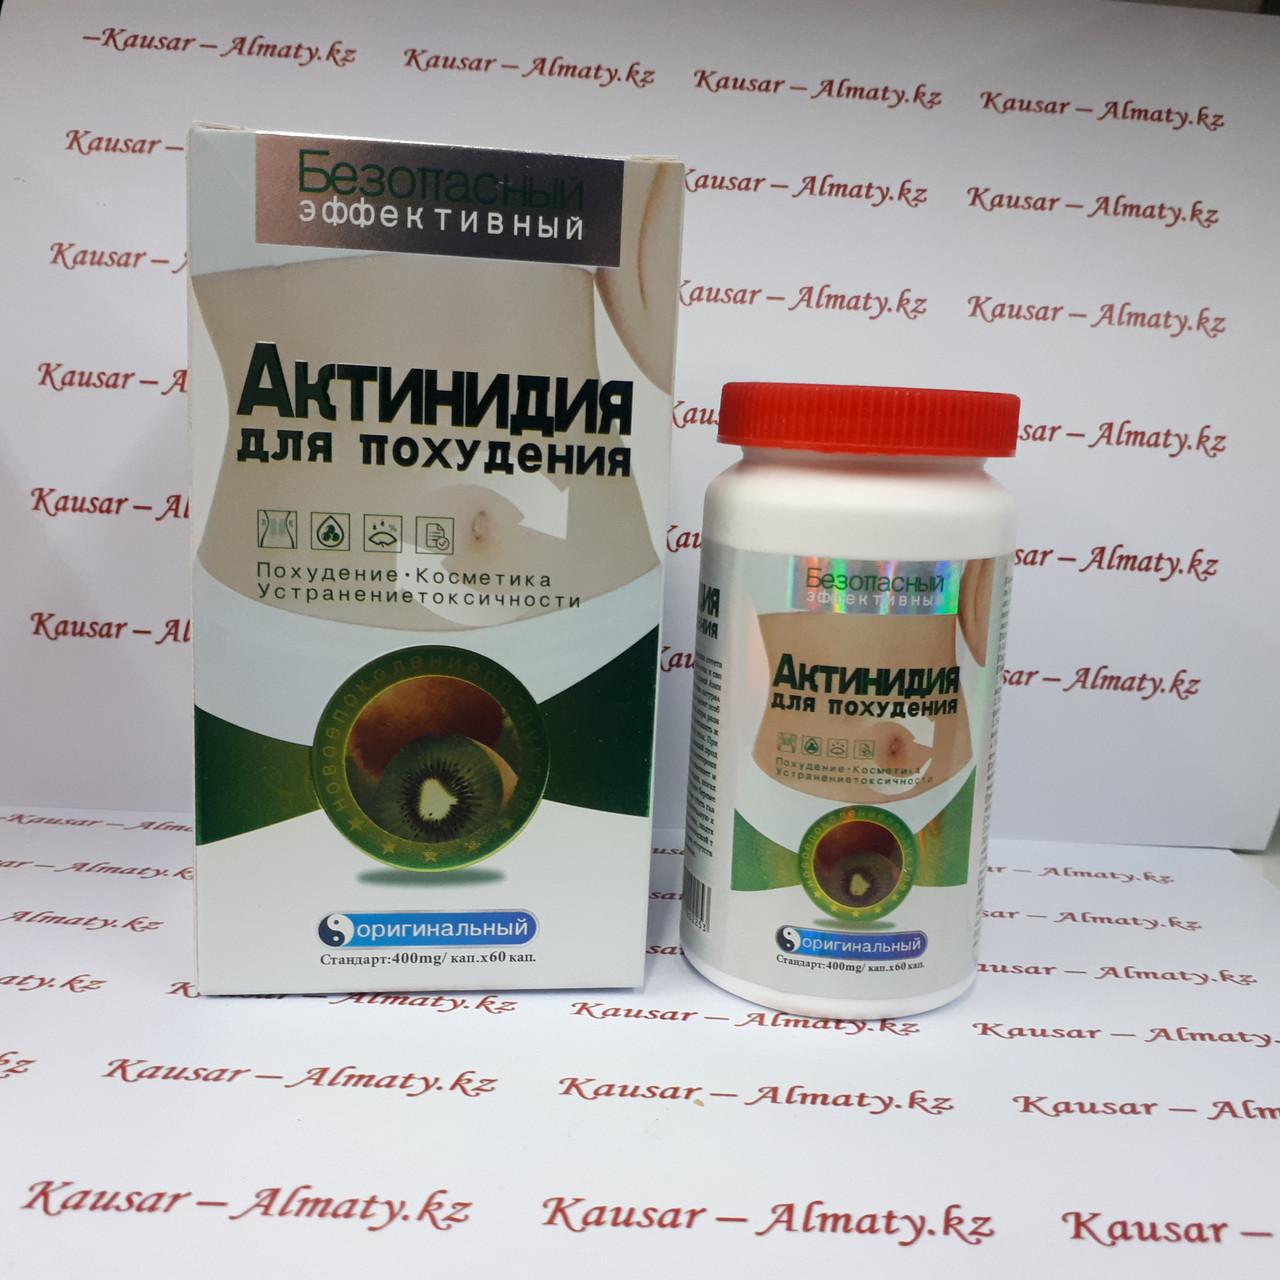 Актинидия - капсулы для похудения